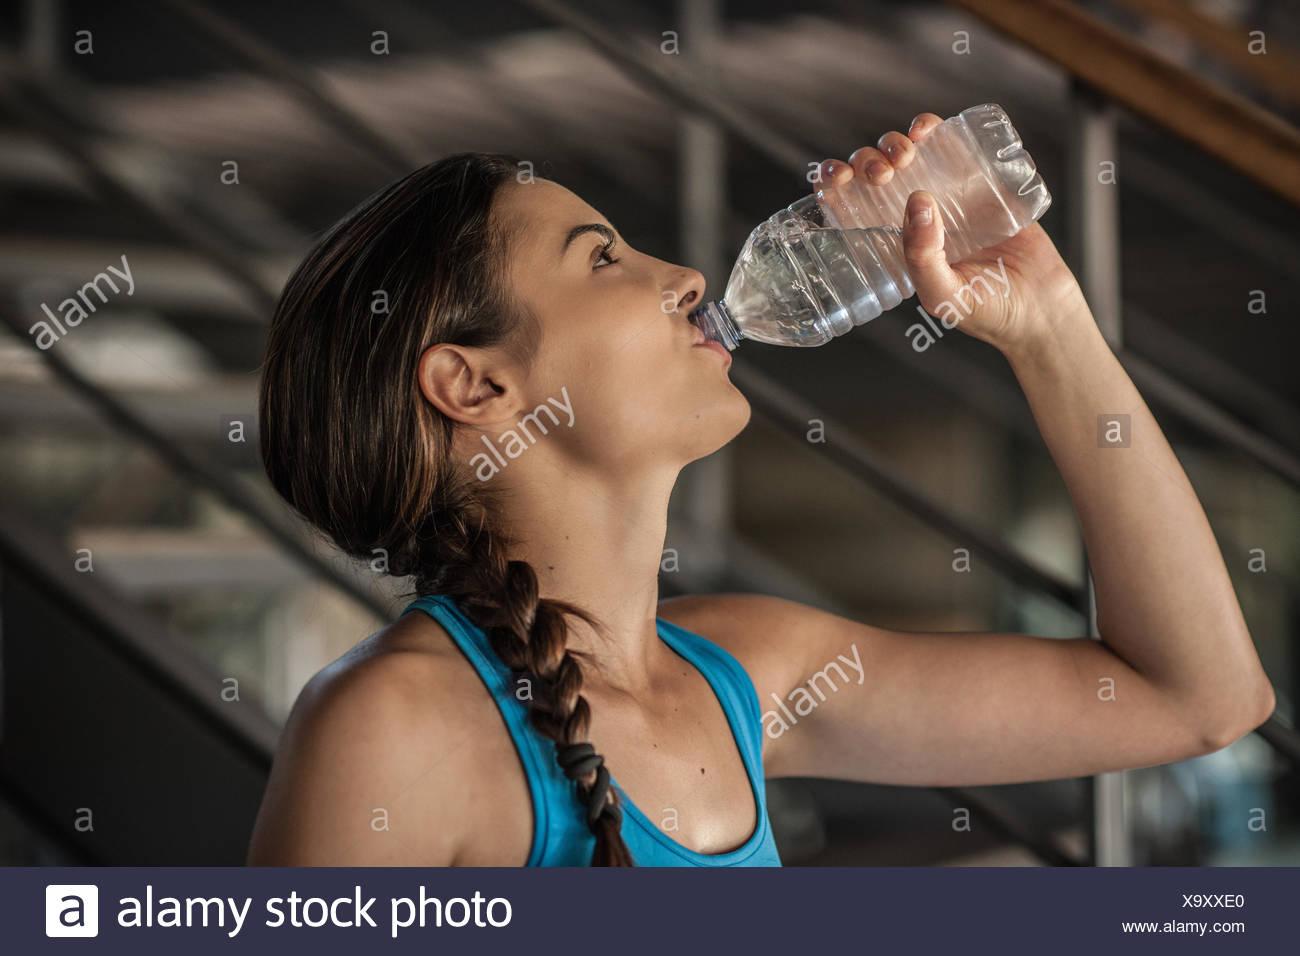 Junge Frau Trinkwasser aus der Flasche Stockbild